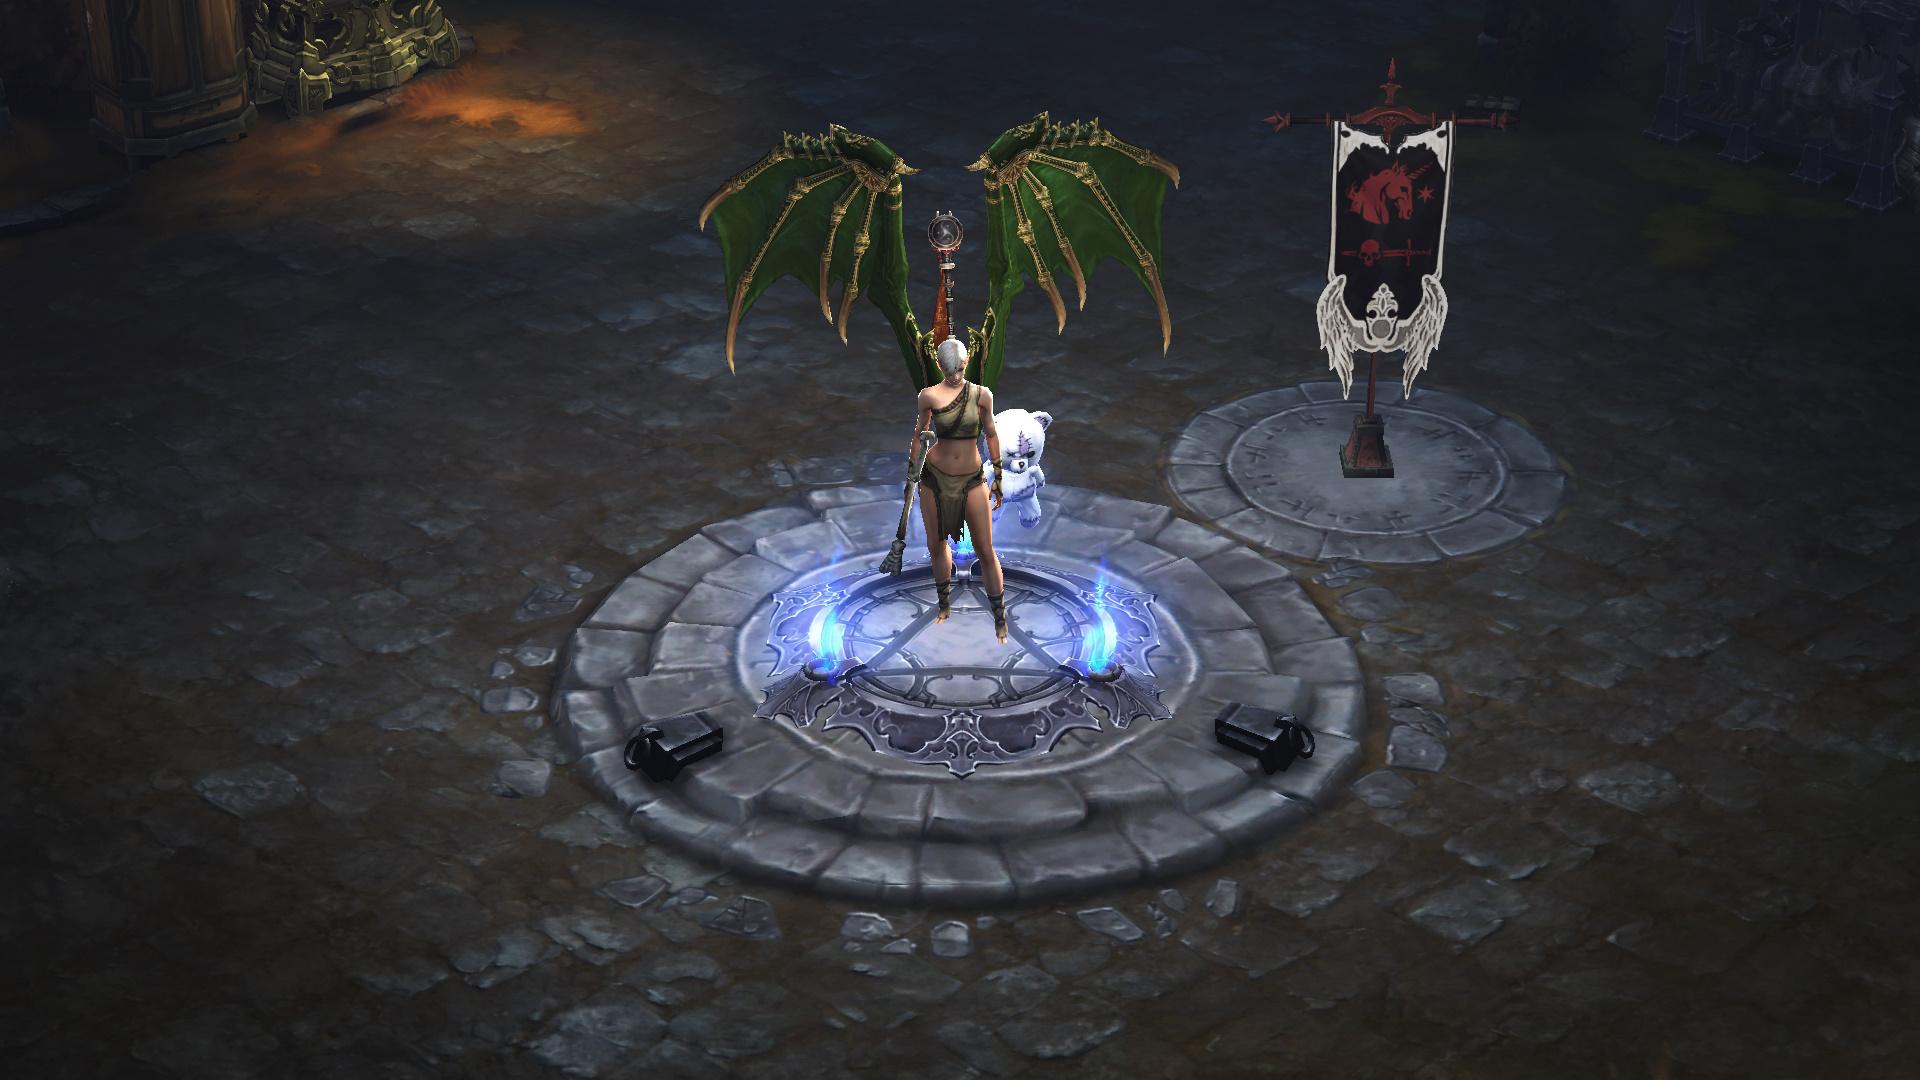 Diablo III64 2019-08-05 16-54-44-558.jpg